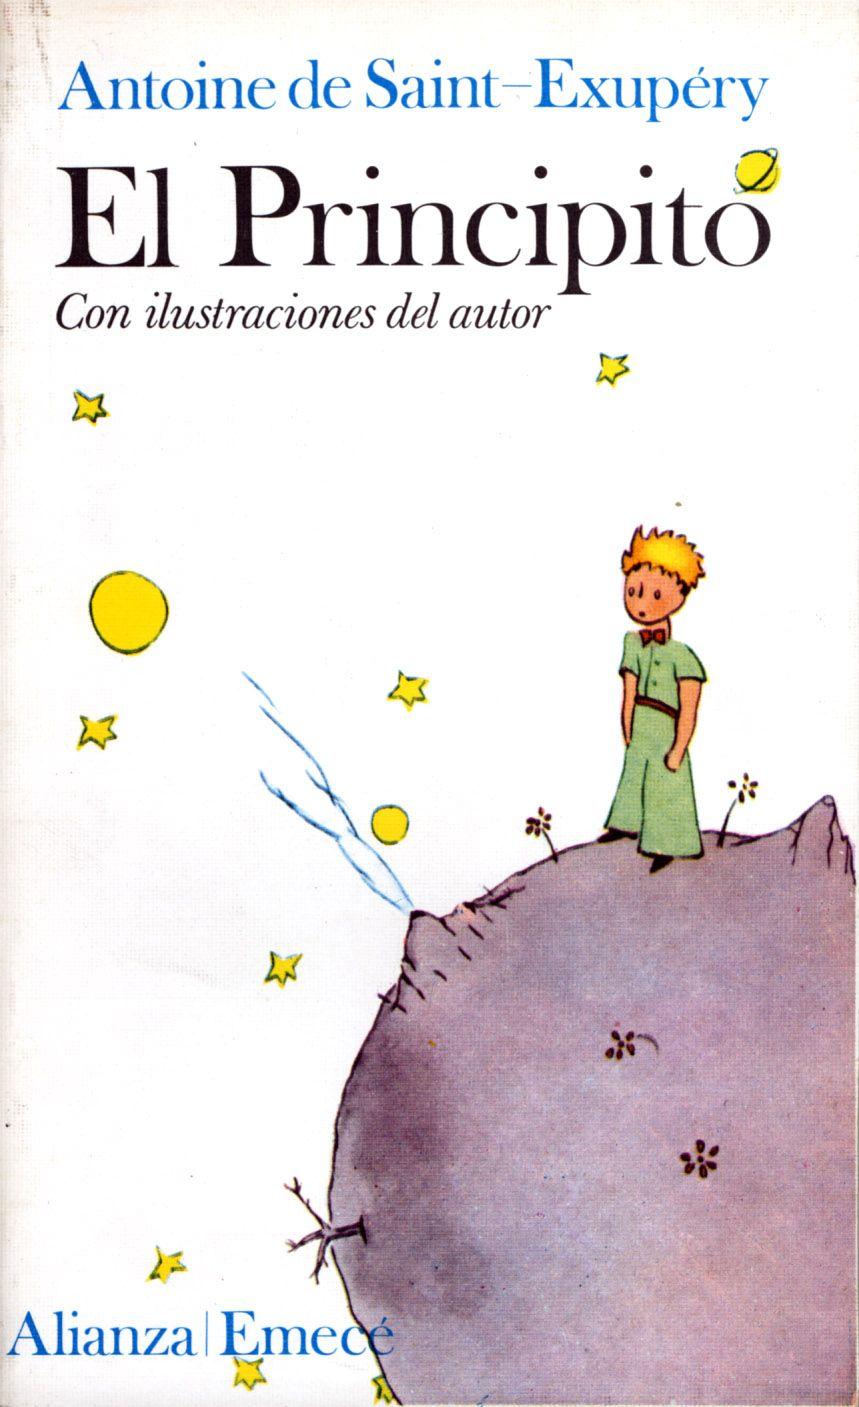 Spanish 25 Little Prince Collection Le Petit Prince Libro El Principito Pdf Leer El Principito Libros De Lectura Gratis